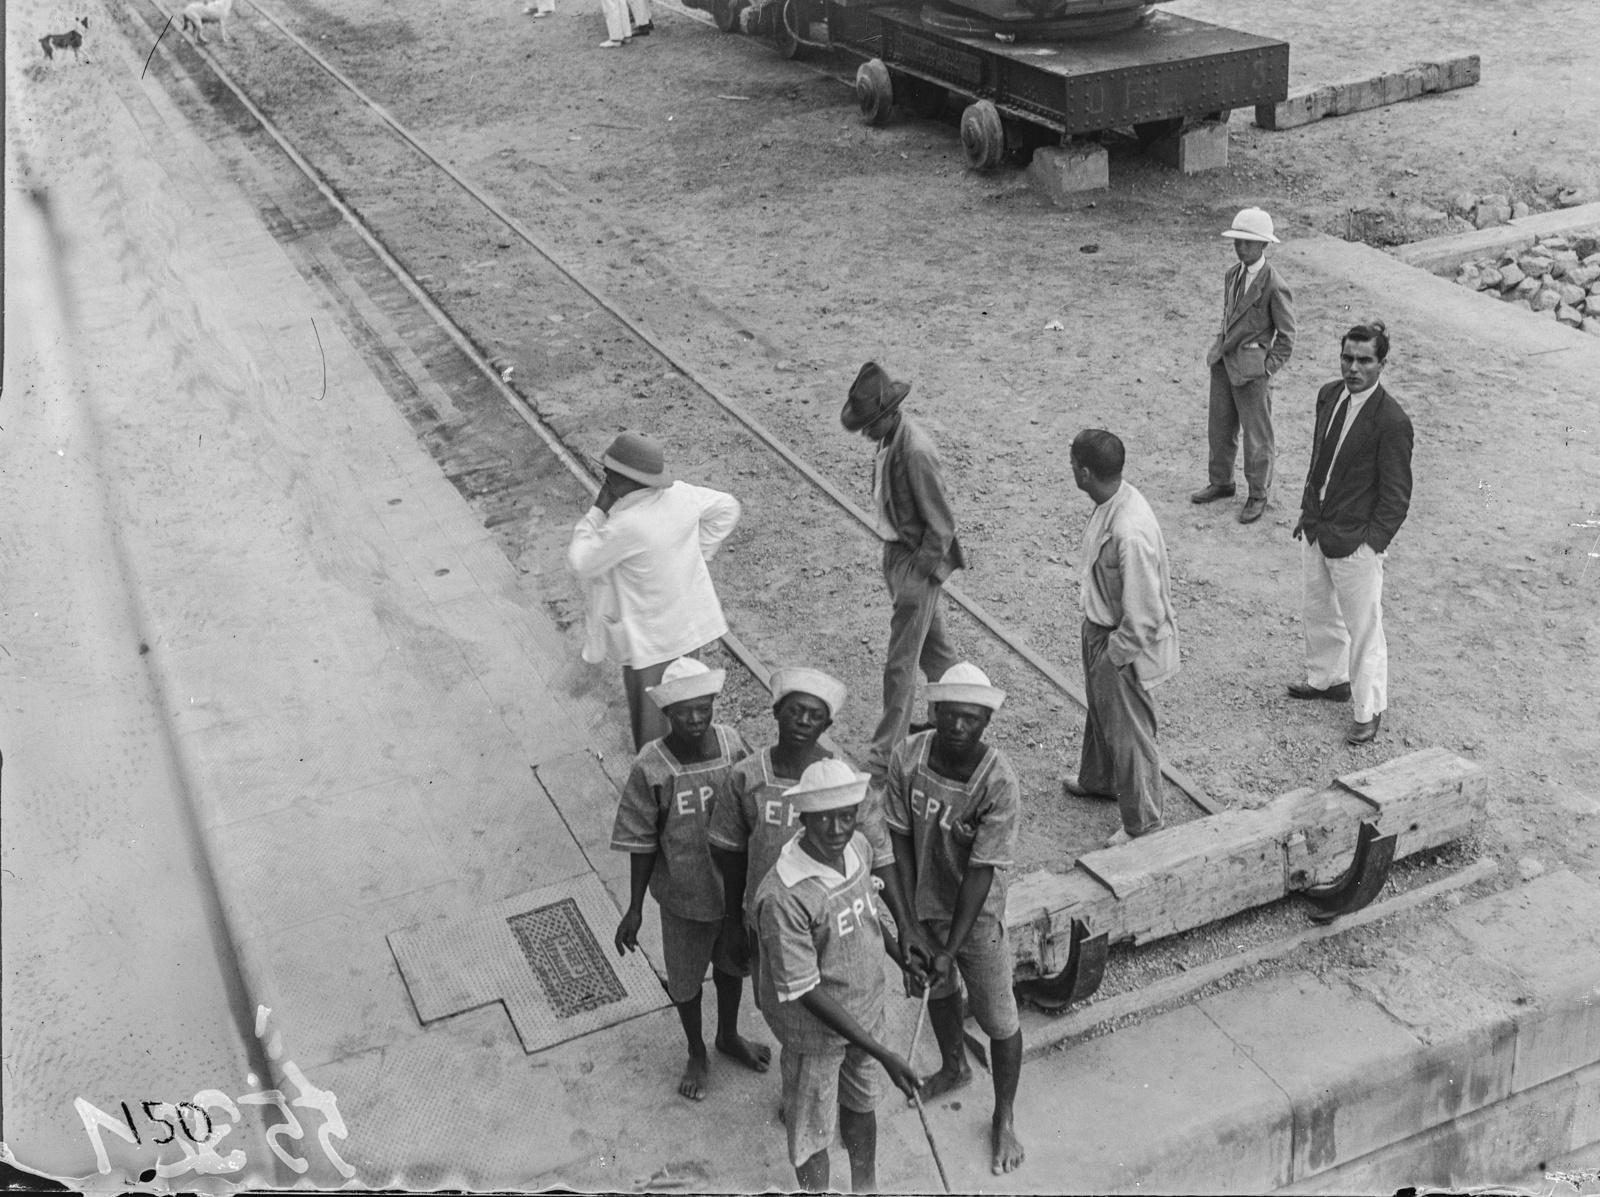 Португальская Западная Африка. Вид с парохода на группу людей на набережной порта в Лобито